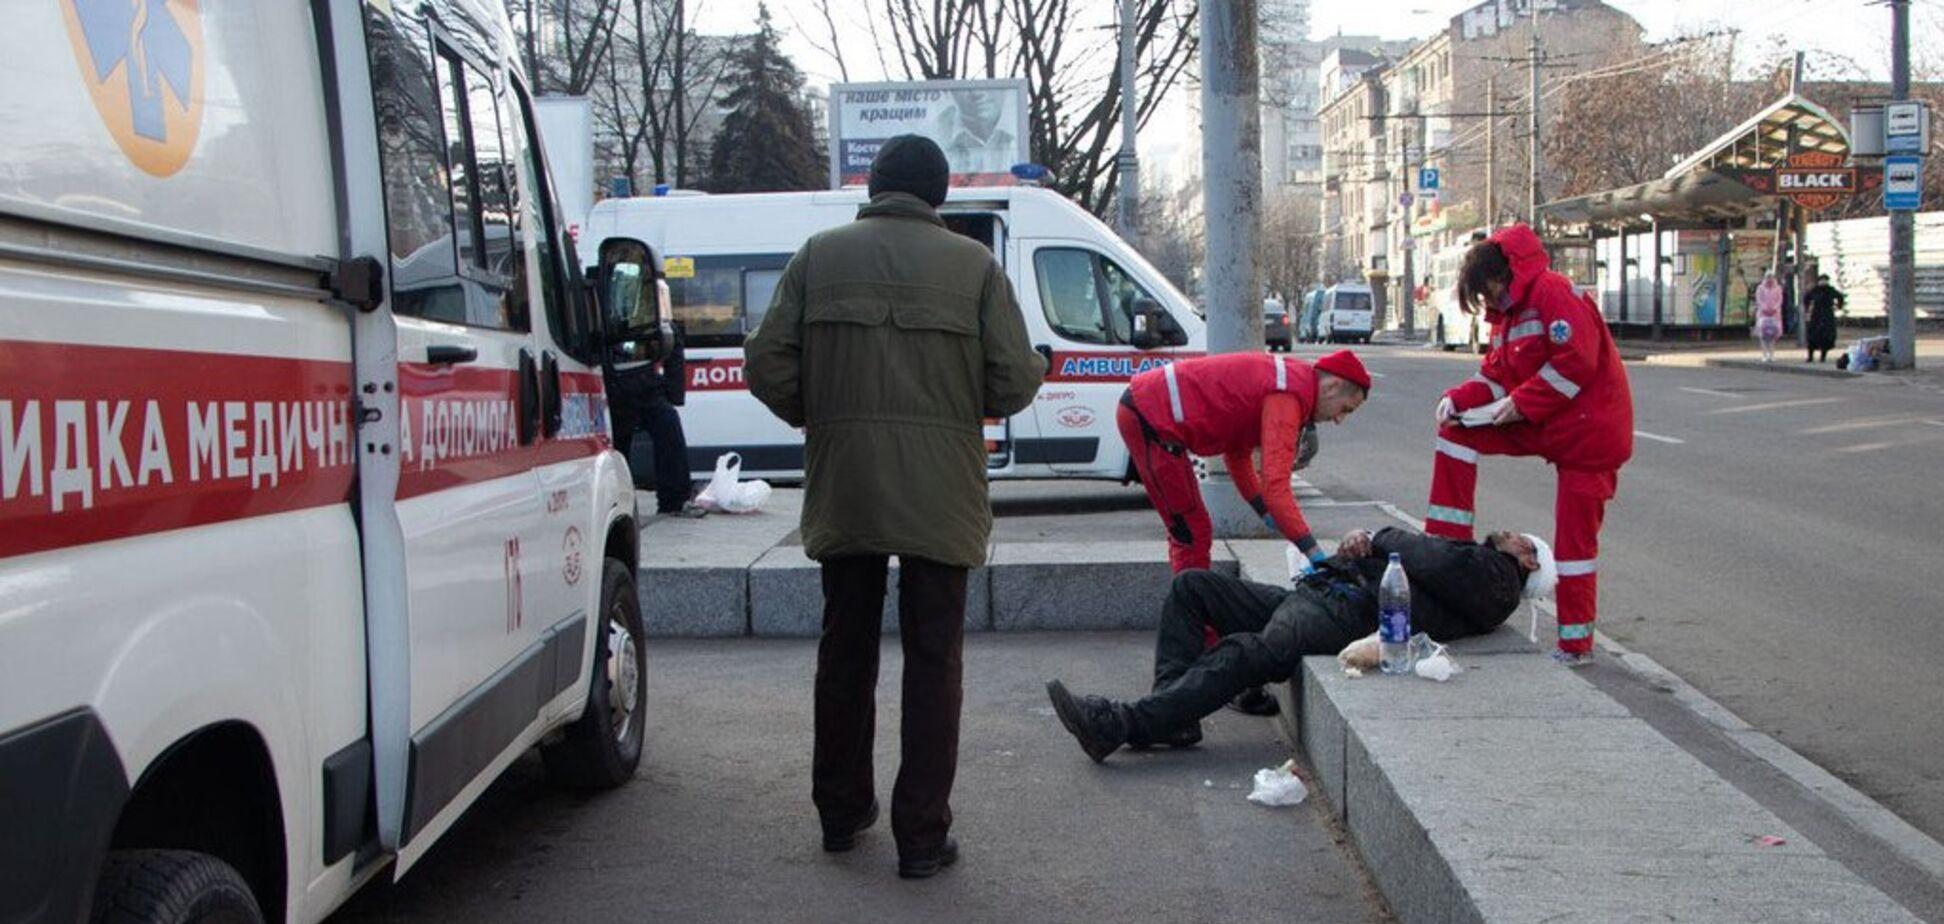 Били арматурами: в Днепре подростки жестоко расправились с мужчиной